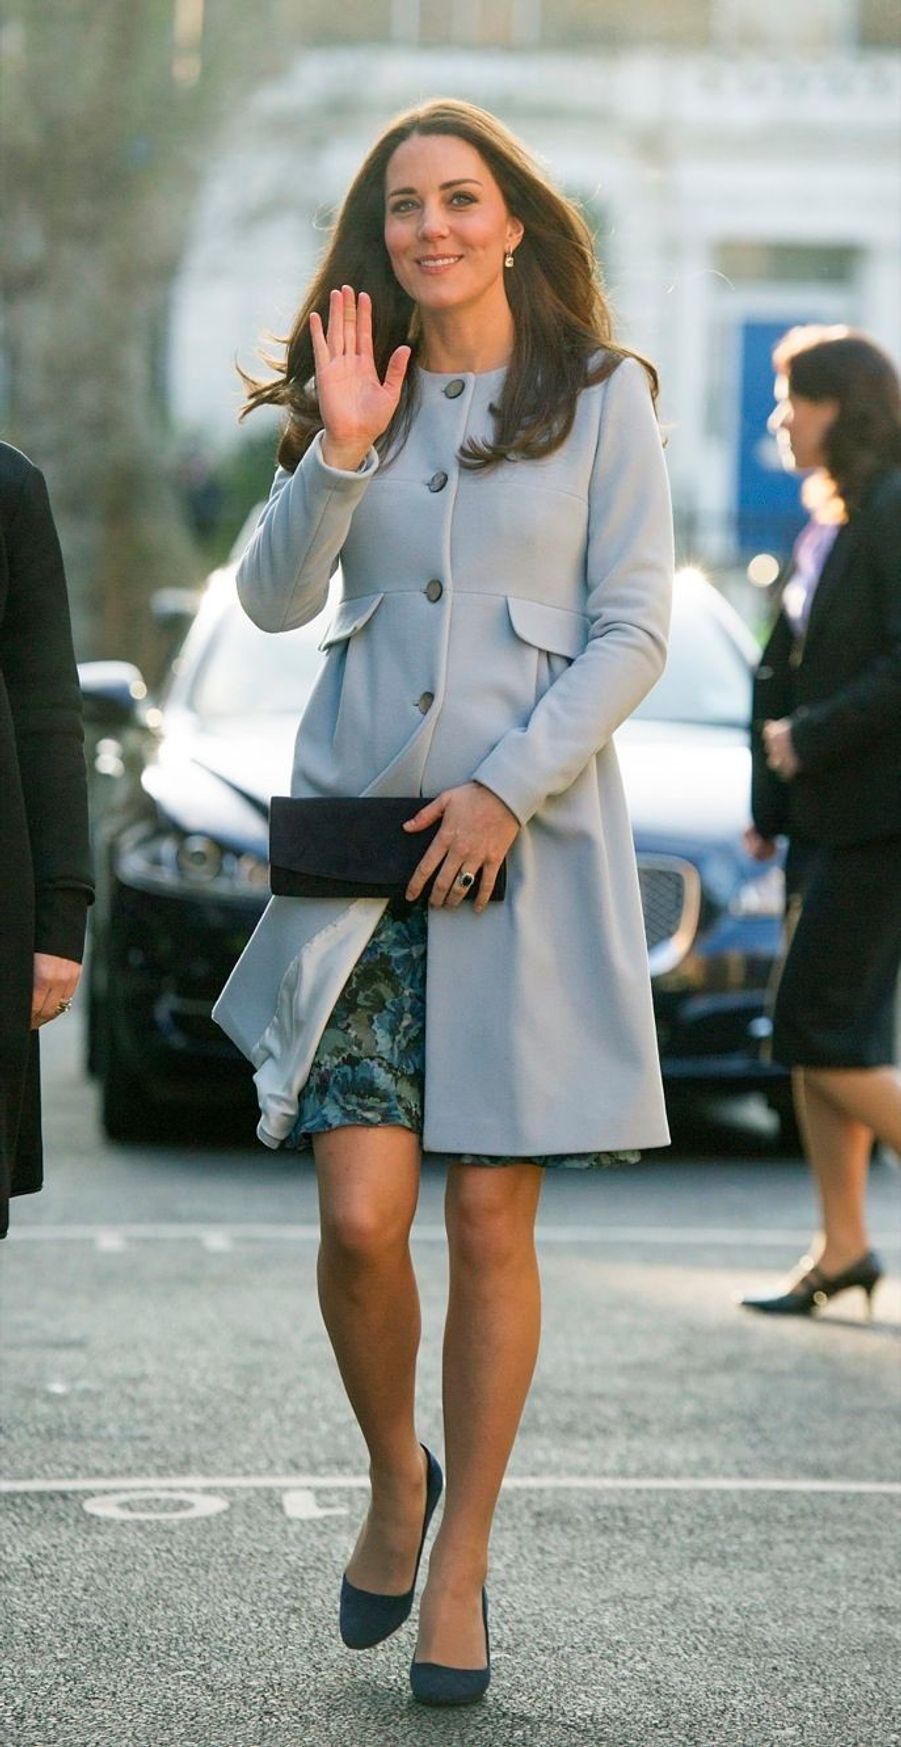 22 La Duchesse De Cambridge, Née Kate Middleton, En Visite À Kensington